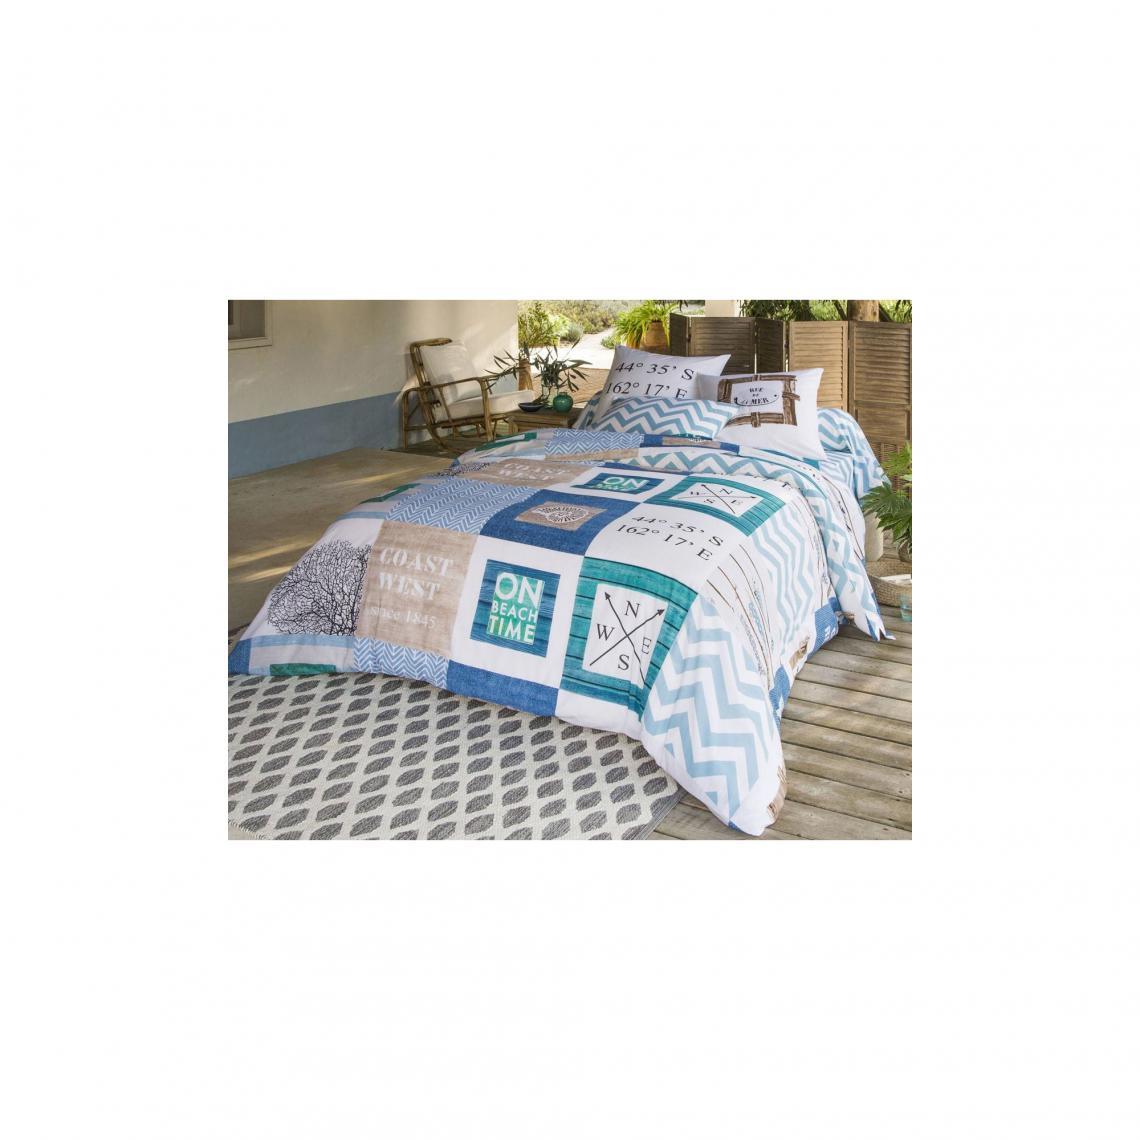 housse de couette damier th me marin becquet multicolore. Black Bedroom Furniture Sets. Home Design Ideas